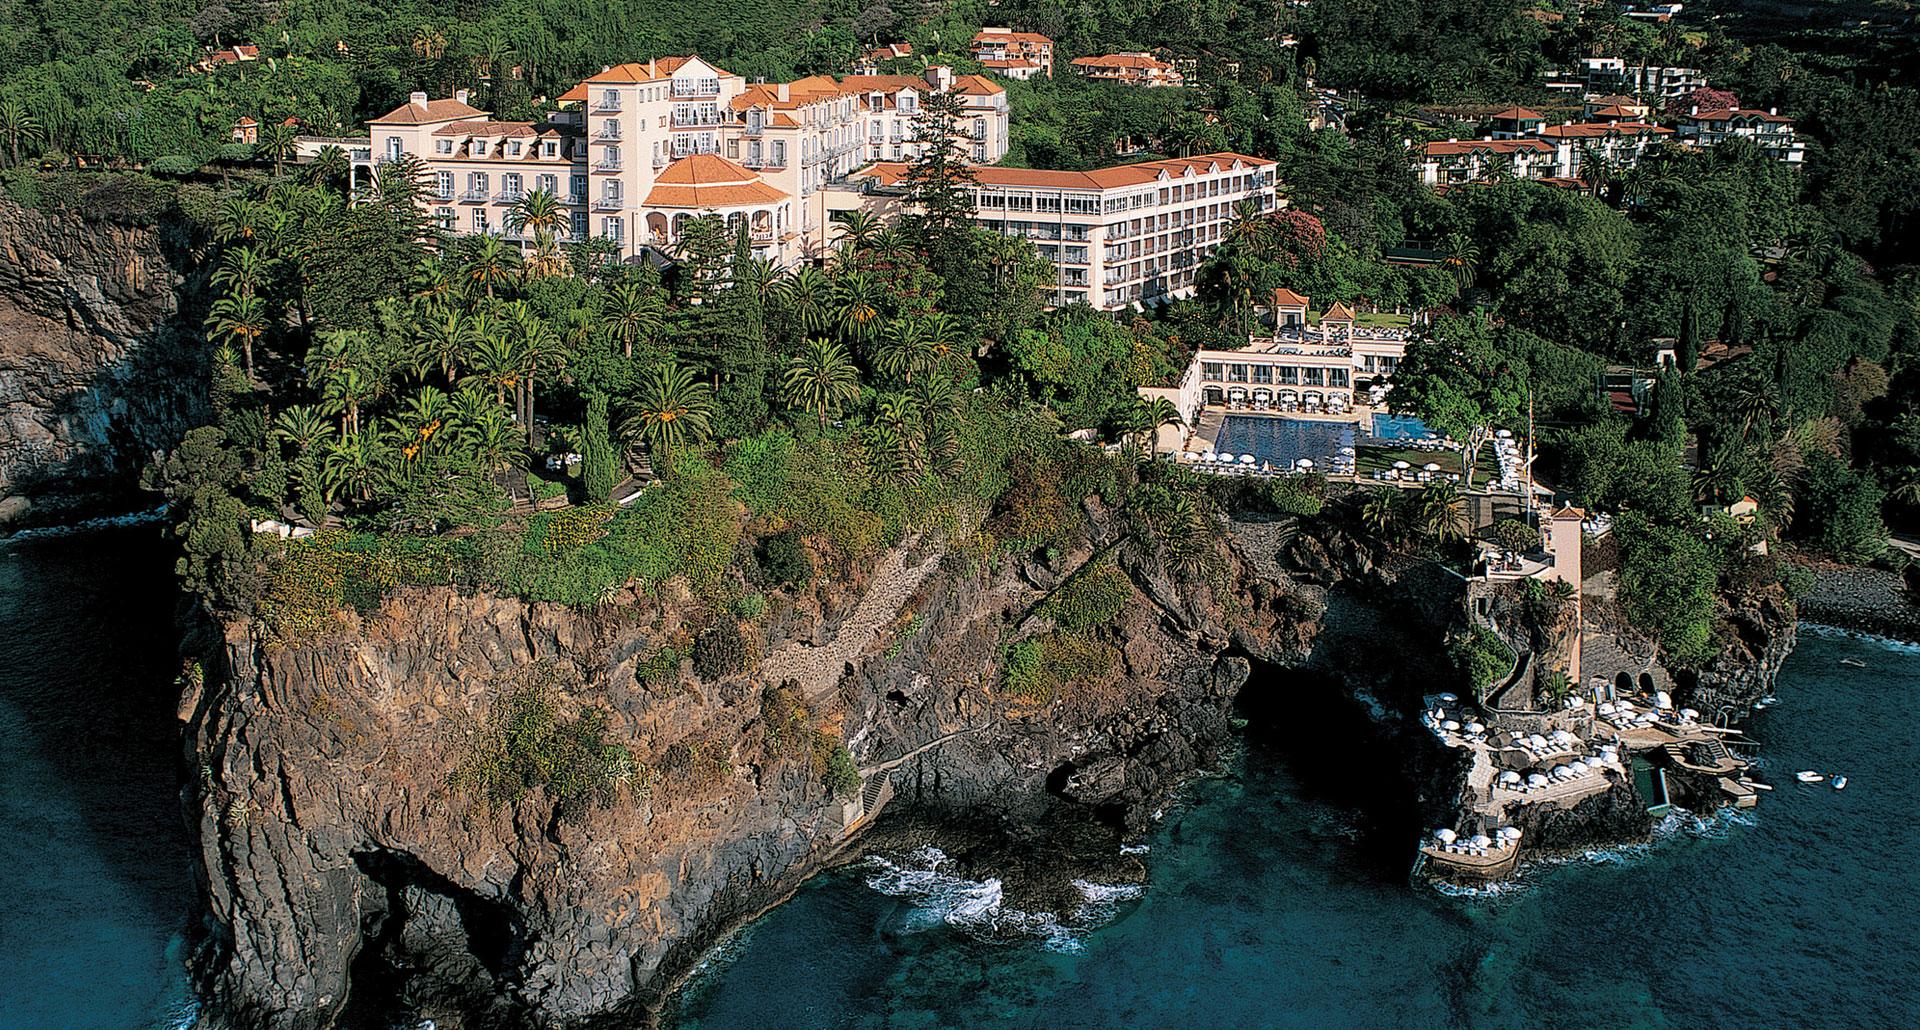 Belmond Reid's Palace - boutique hotel in Funchal